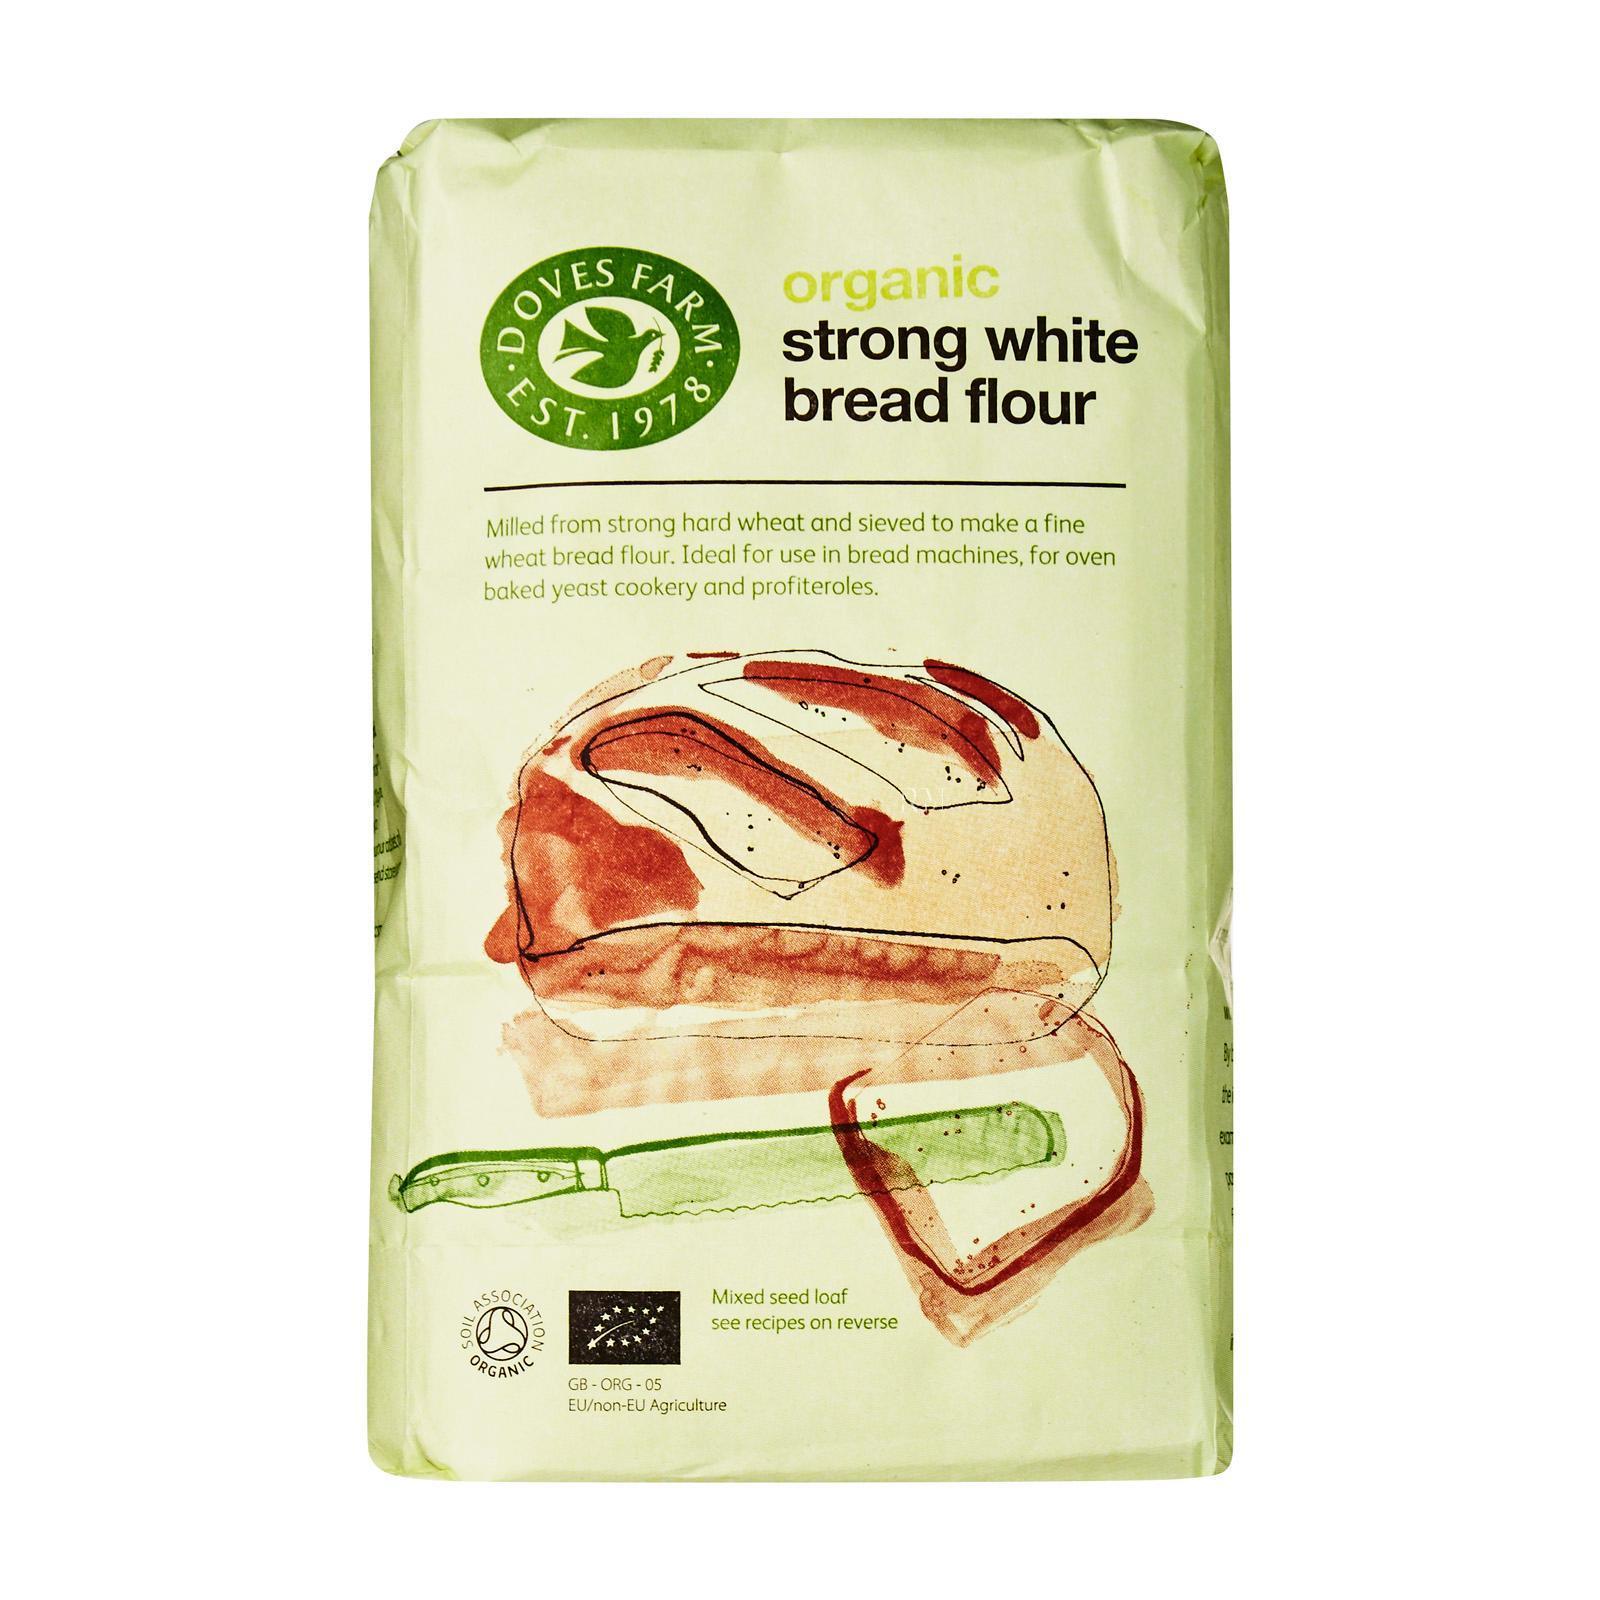 Doves Farm Organic Strong White Bread Flour